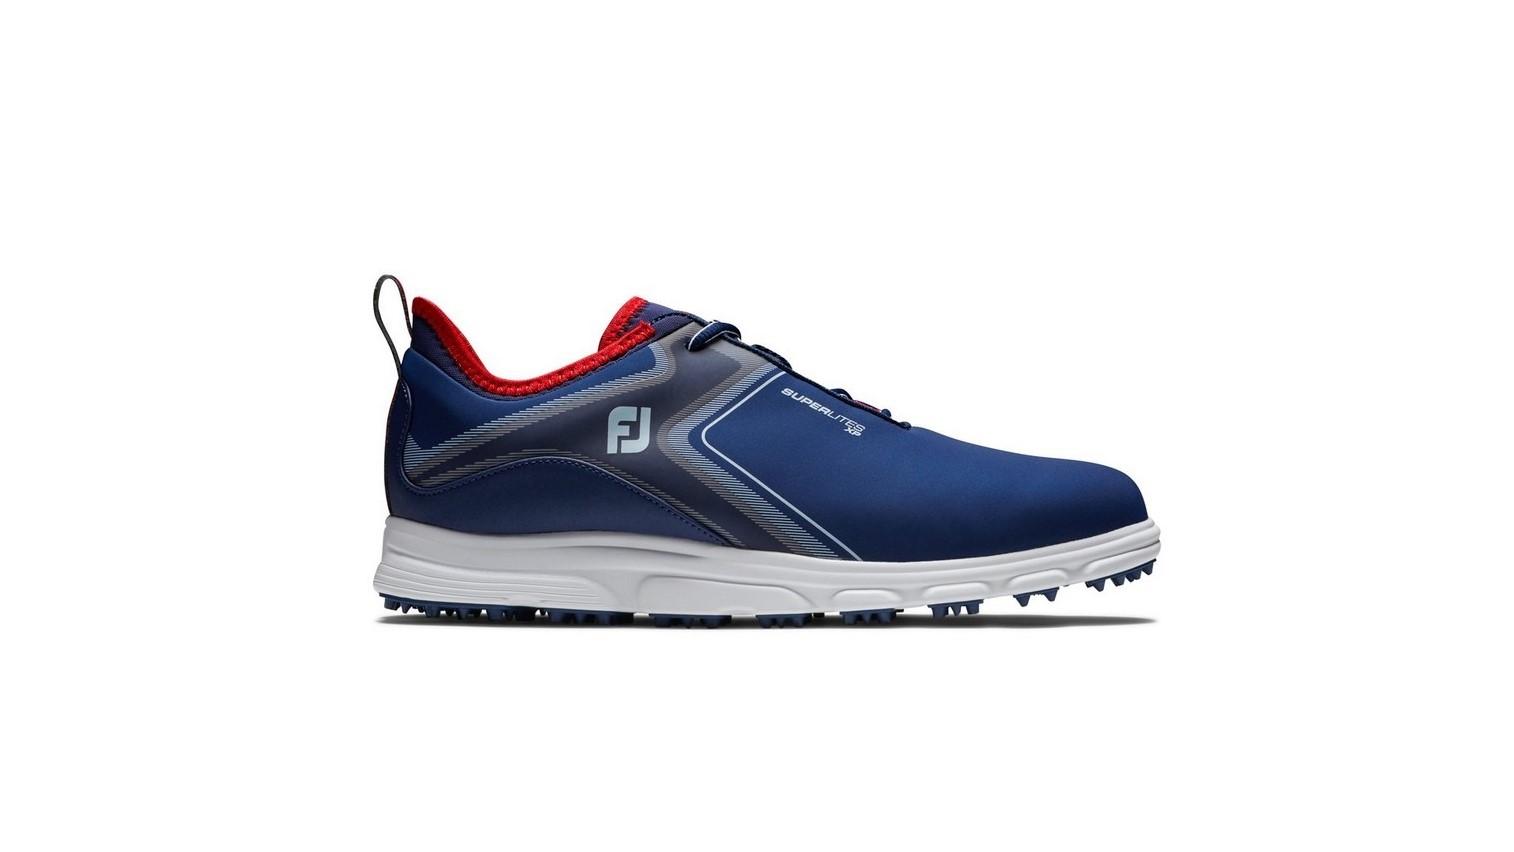 Golfové boty – jaké koupit, aby byly pohodlné? [sponzorovaný článek]